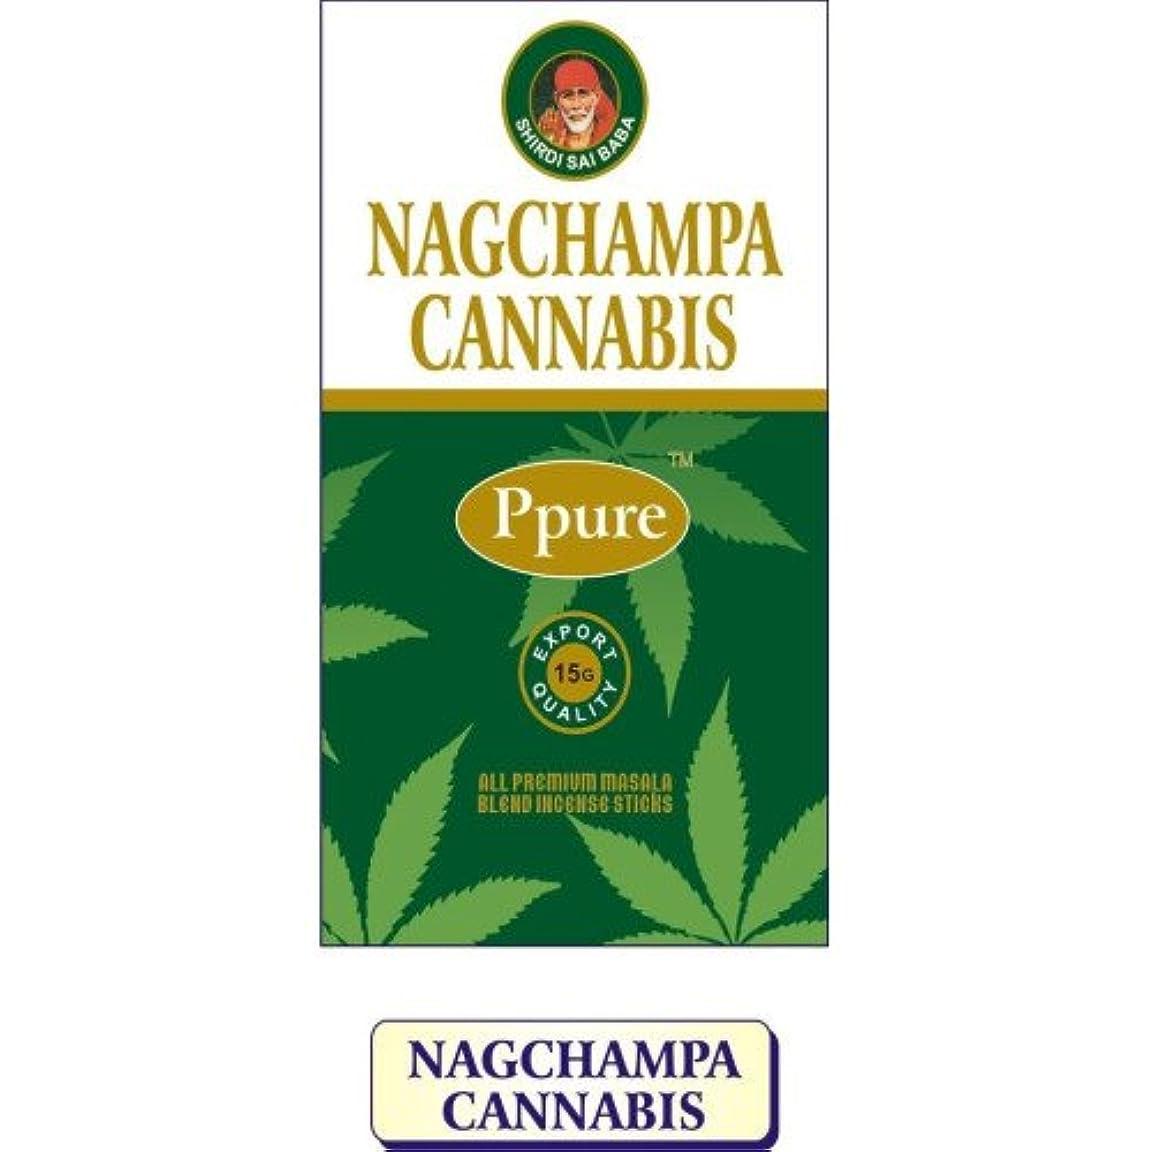 テラス隔離ながらPpure Nag Champa Cannabis PerfumeプレミアムMasala Incense Sticks 15グラム